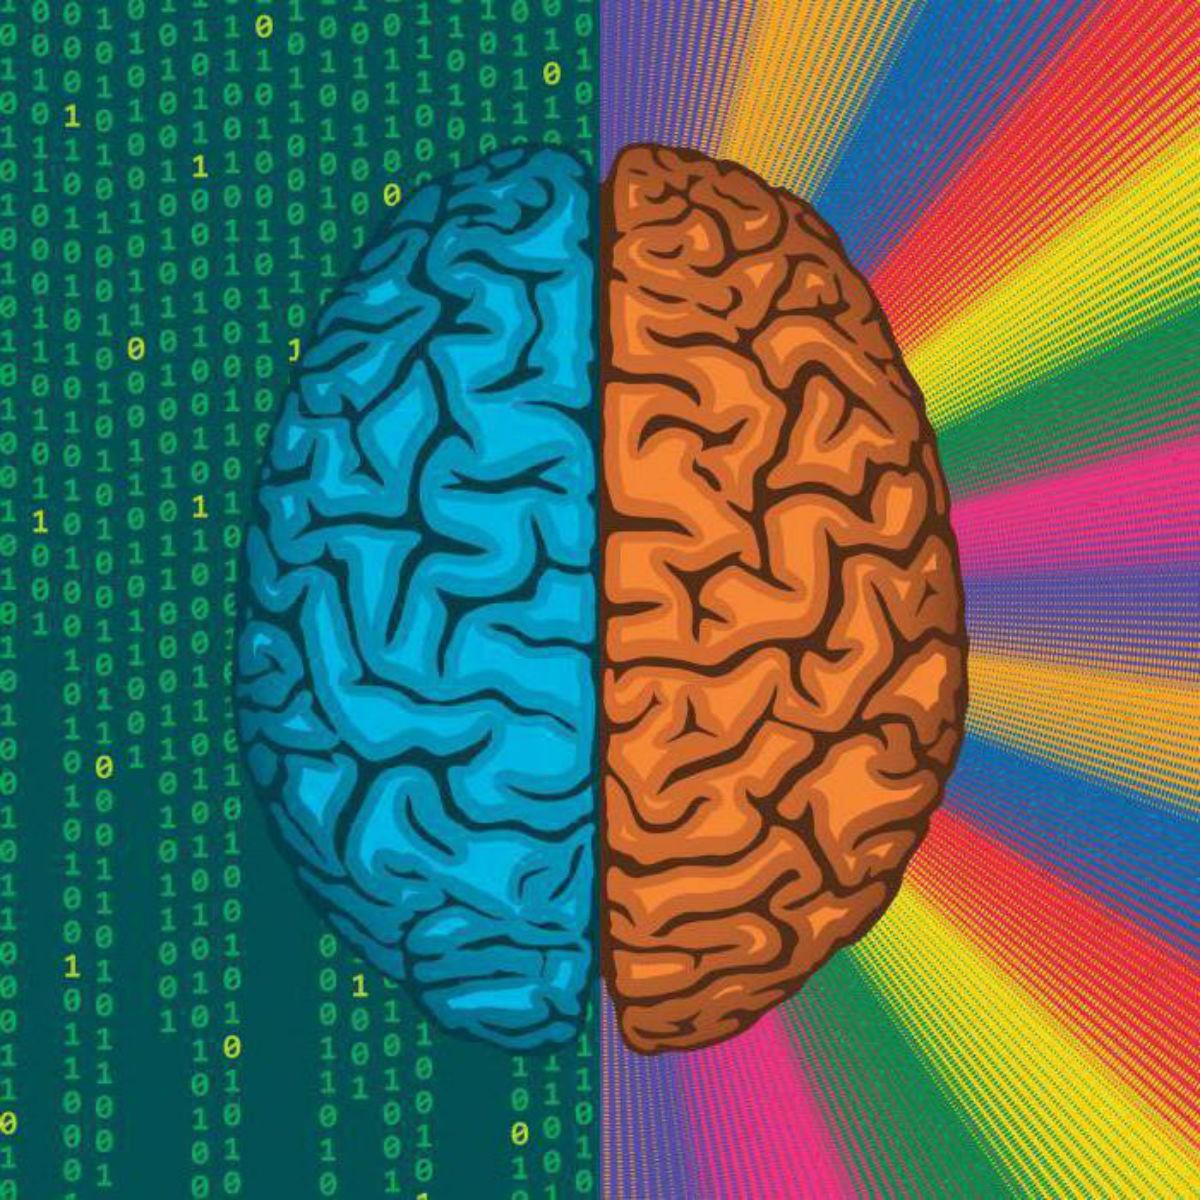 номерах проверка мозга с картинками же, необходимо исправить